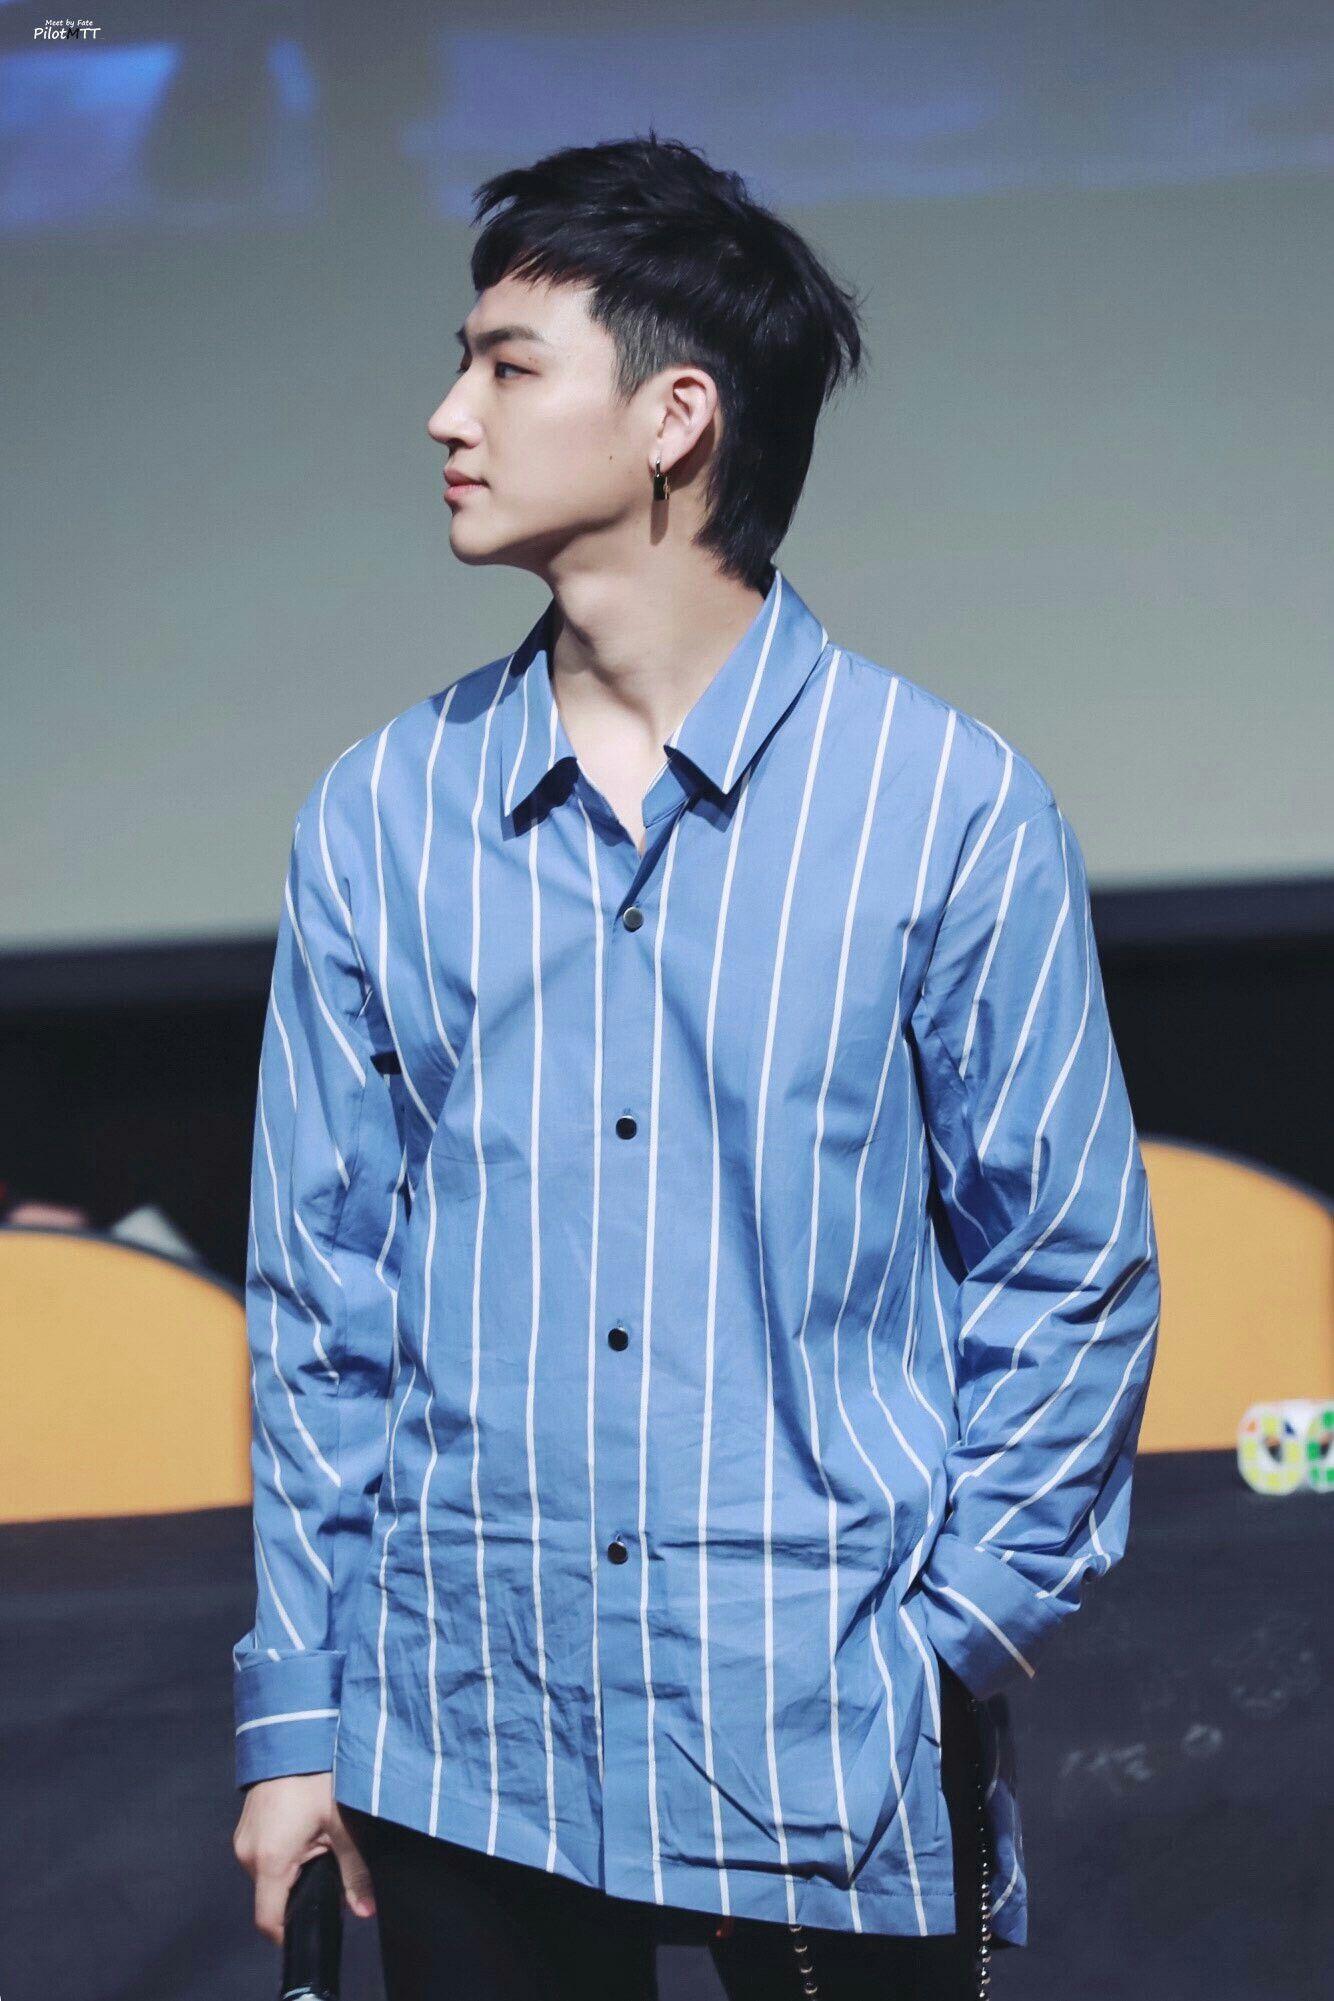 Pin Oleh Richang Jae Di 2018 Jb Rambut Got7 Pria